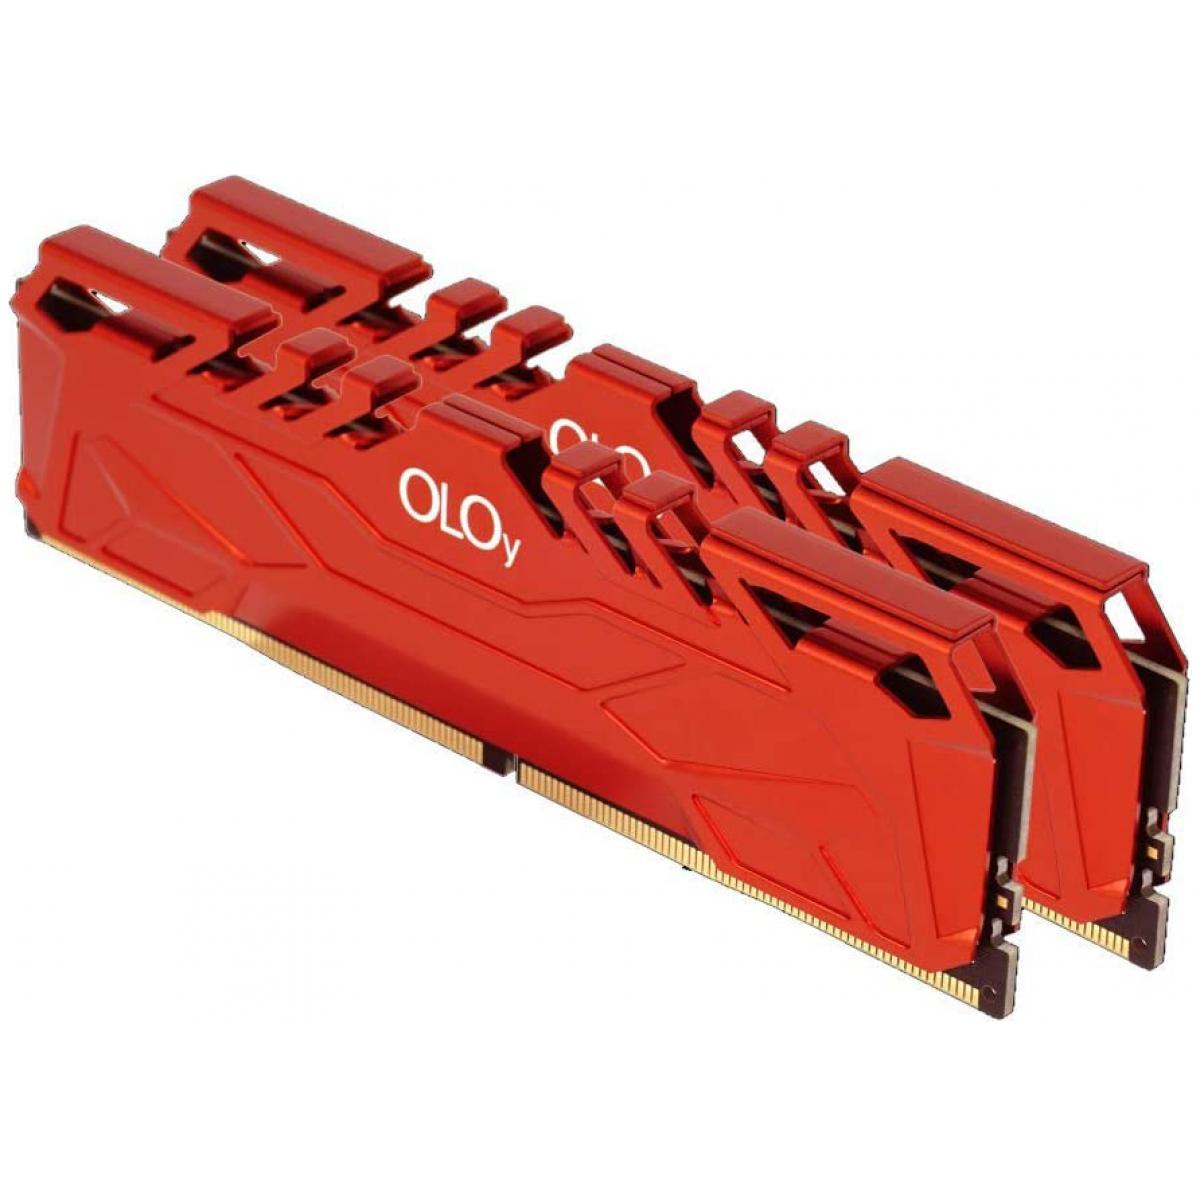 Memória DDR4 OLOy Owl Red, 16GB, 3000MHz, Red, MD4U163016CHSA